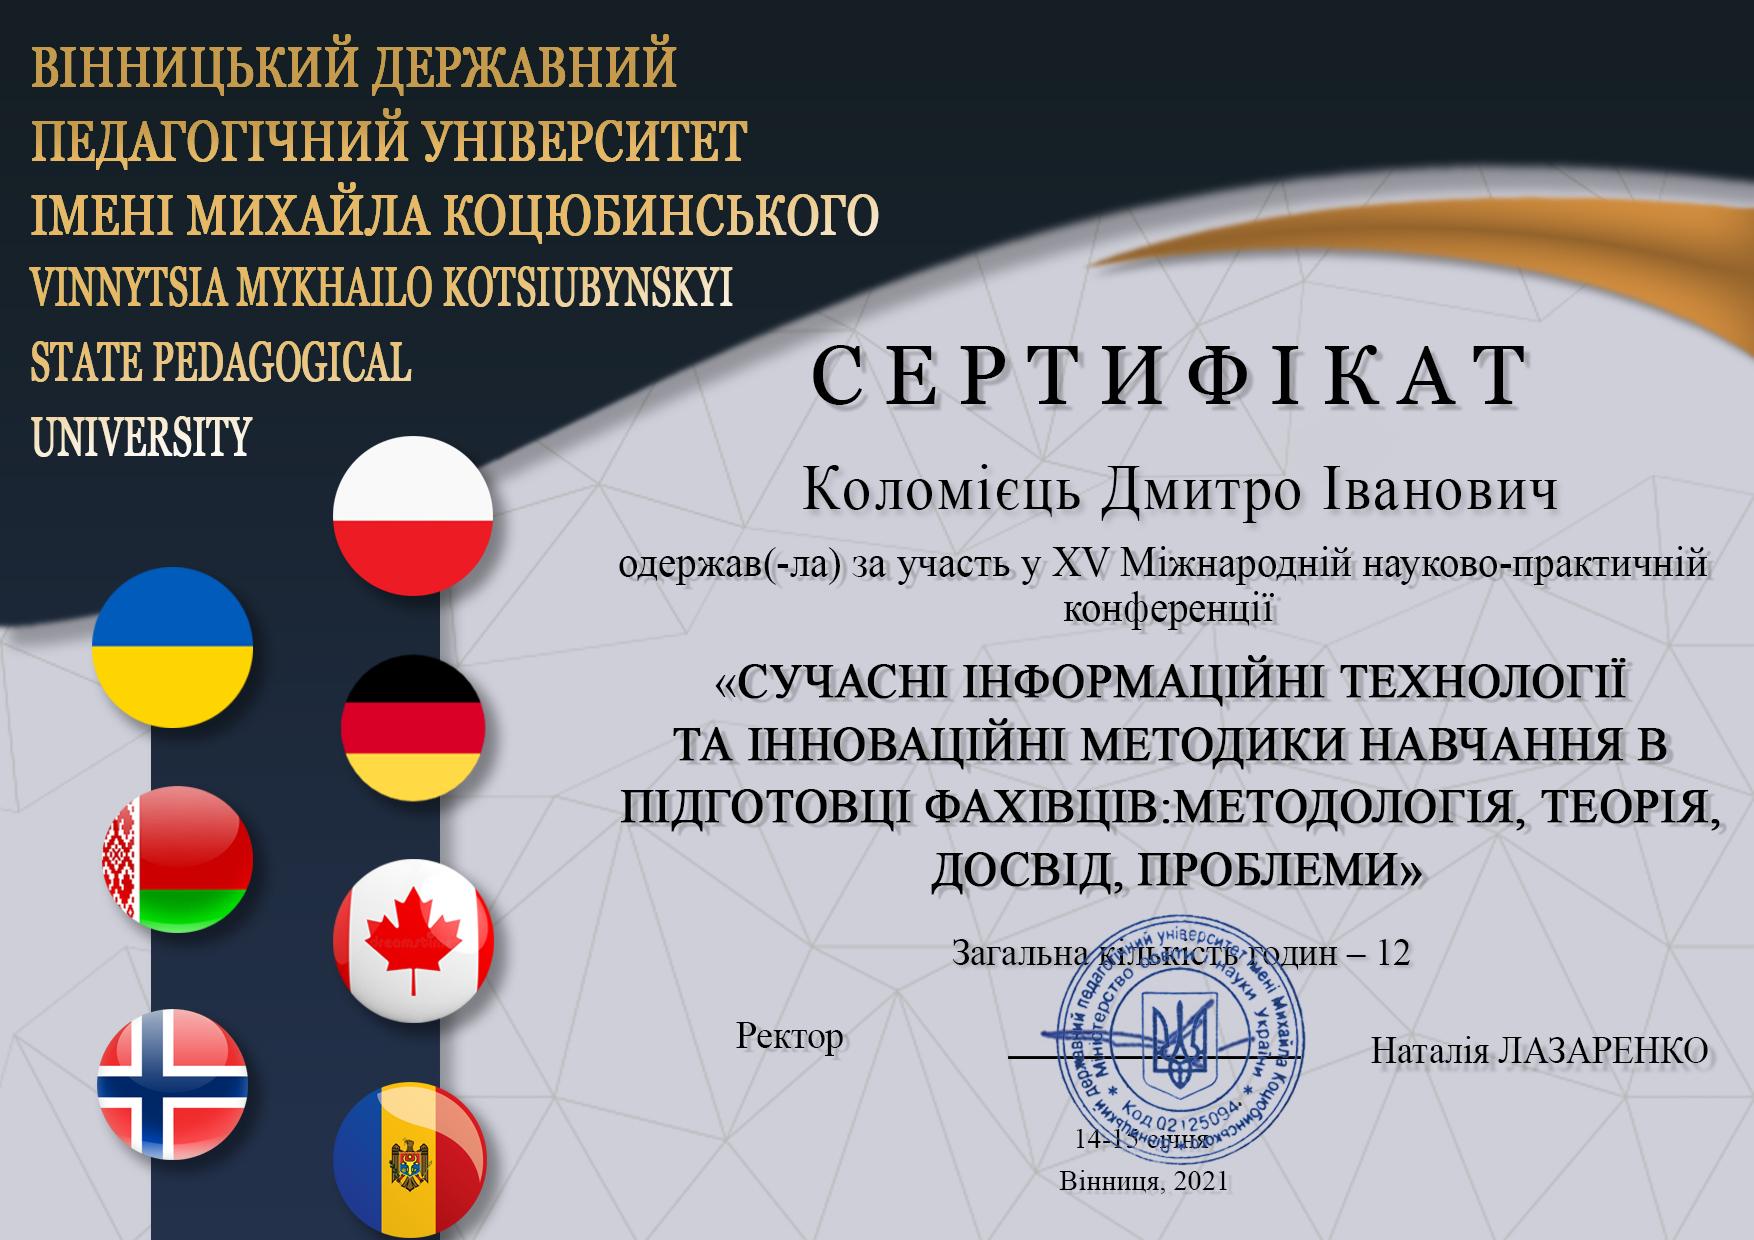 Коломієць Дмитро Іванович